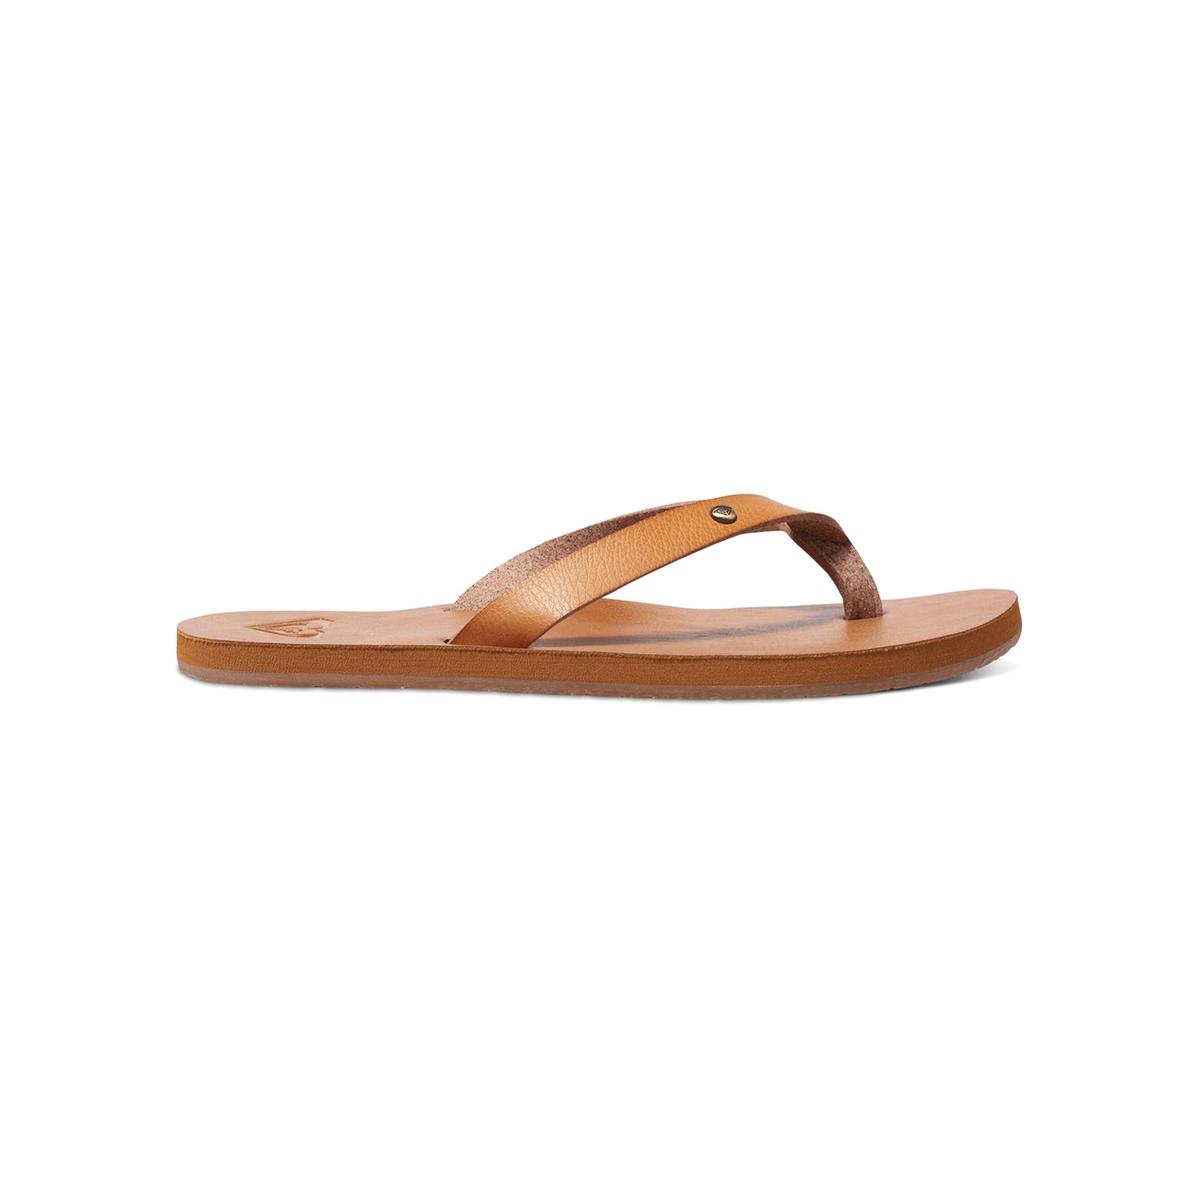 Вьетнамки JYLLВерх : синтетика   Подошва : каучук   Форма каблука : плоский каблук   Мысок : открытый мысок   Застежка : без застежки<br><br>Цвет: темно-бежевый